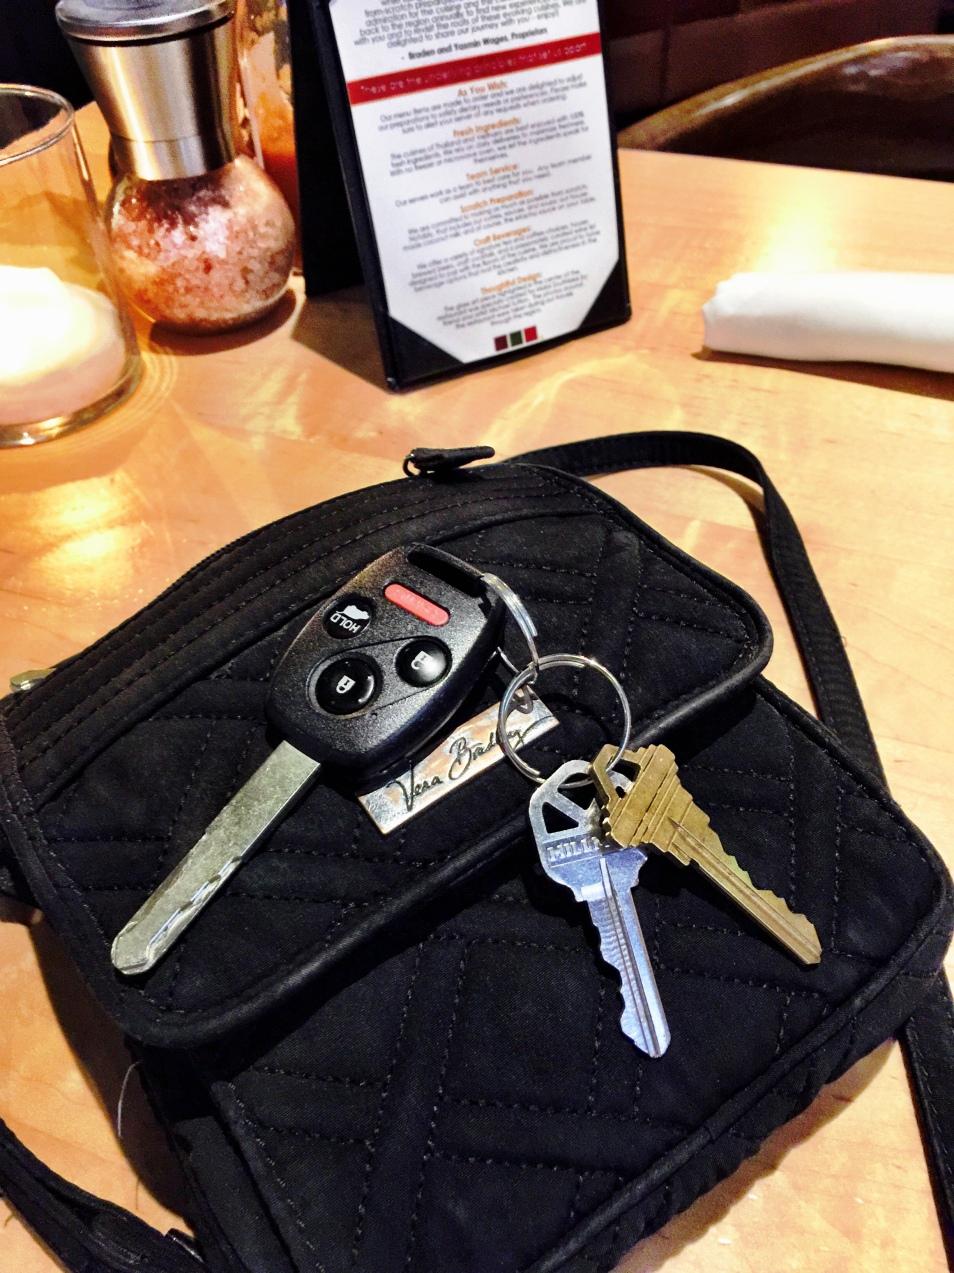 iWANT My Keys Back